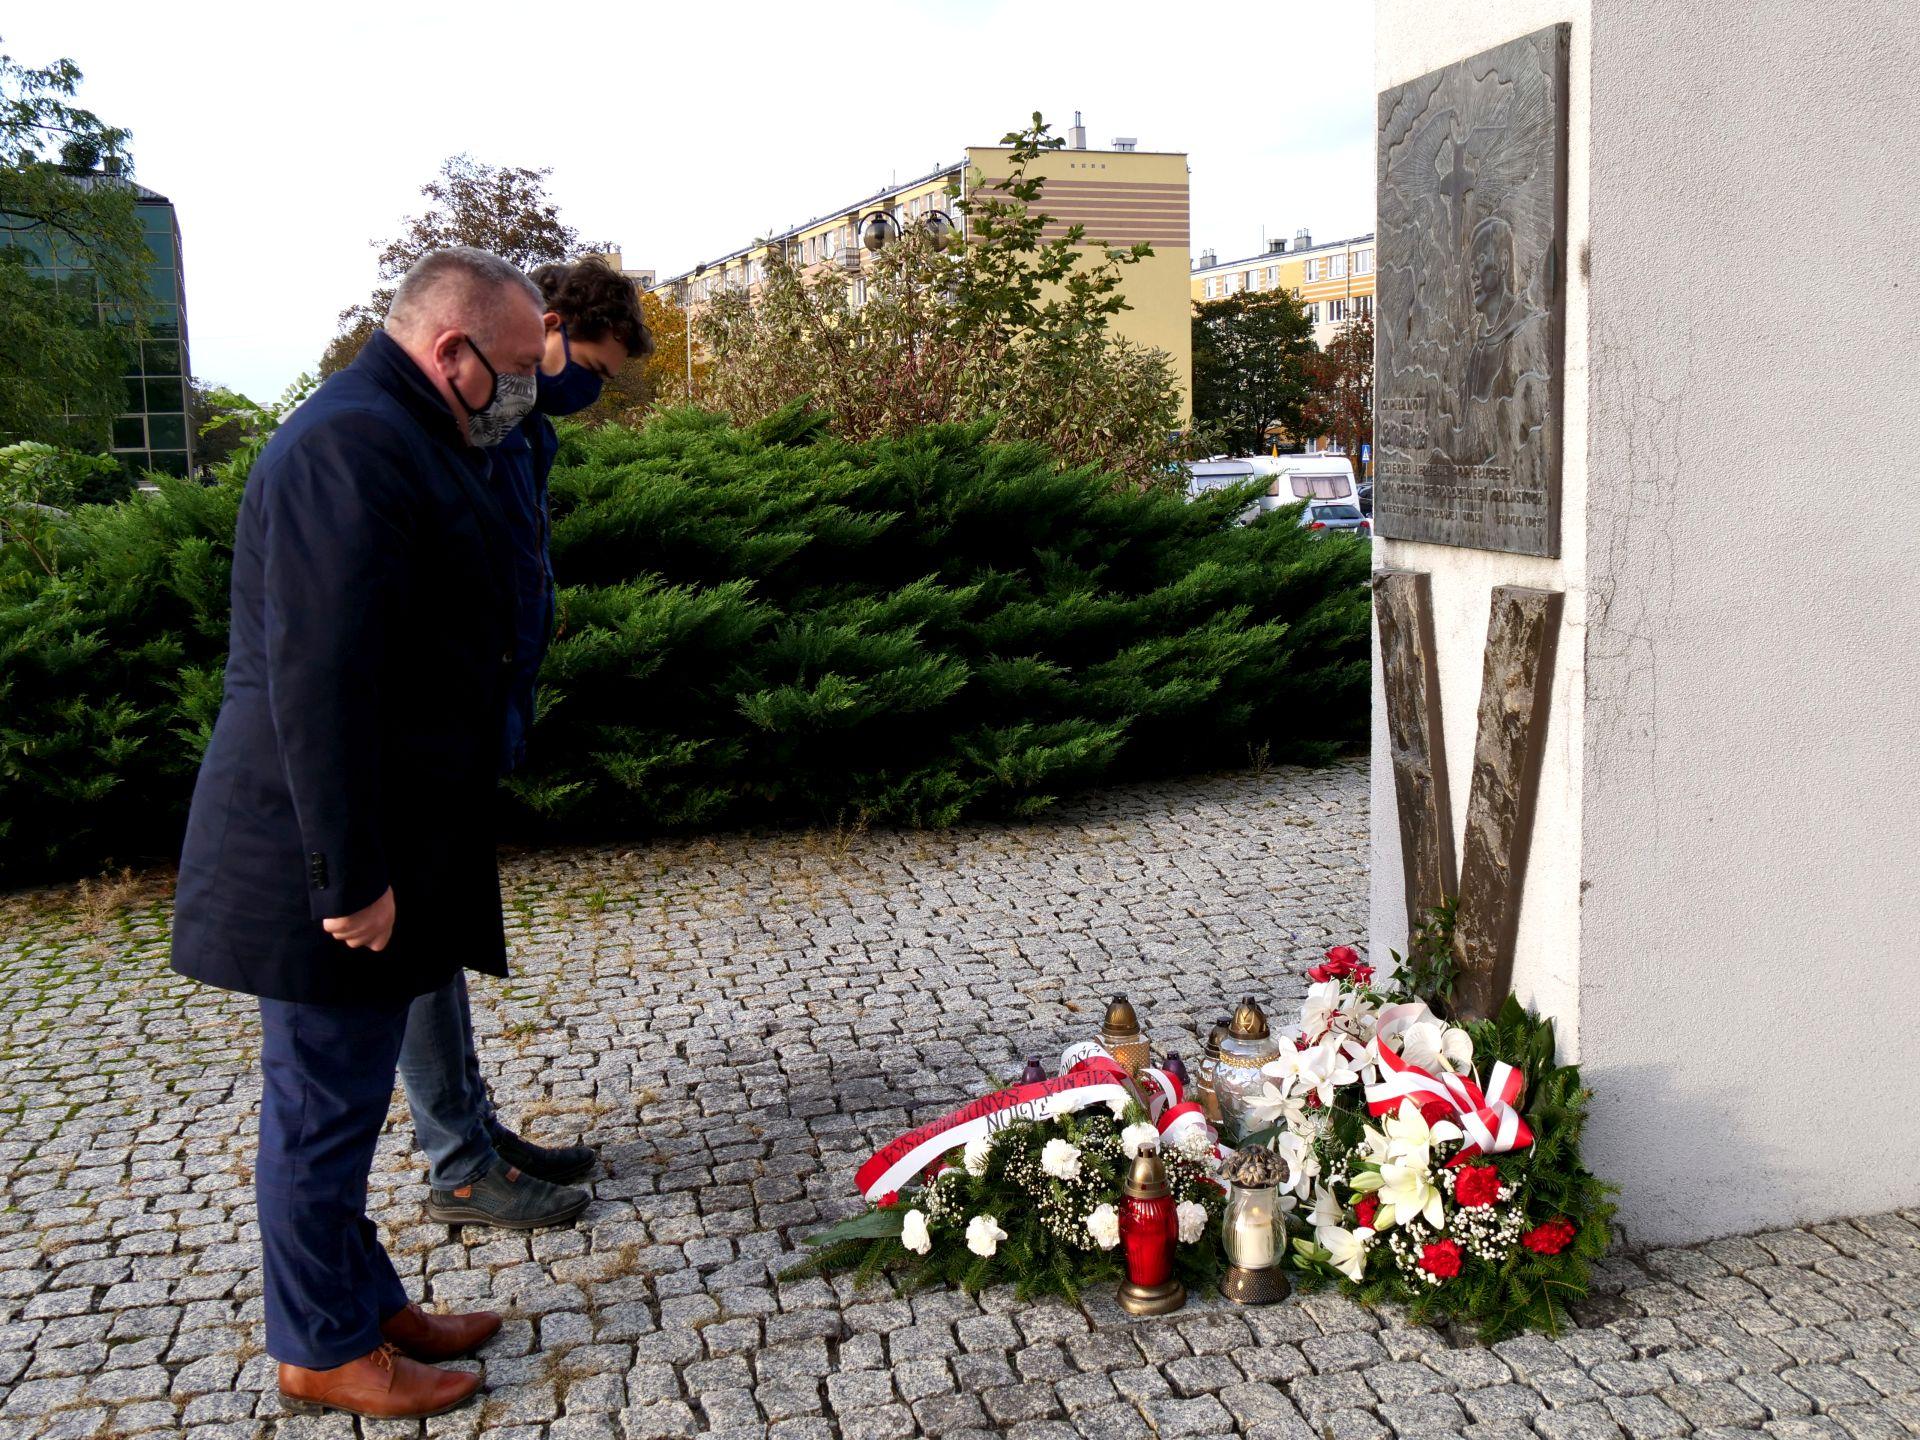 pomnik, dwie osoby, kwiaty